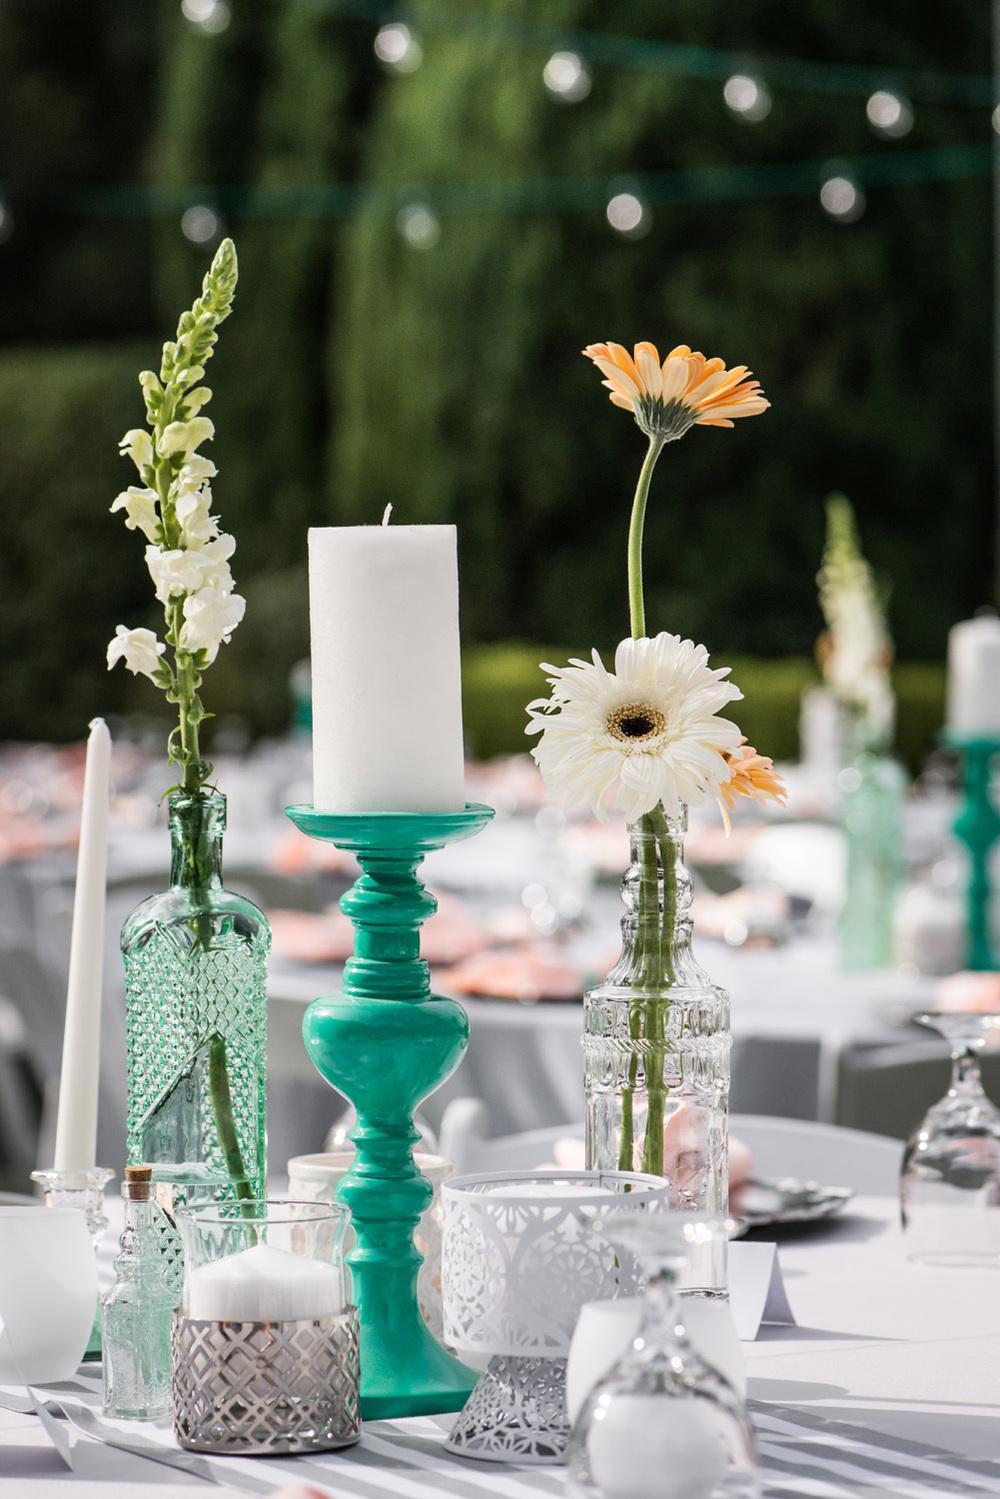 diy_realwedding_candle_centerpiece_backyard_table_ turquoise